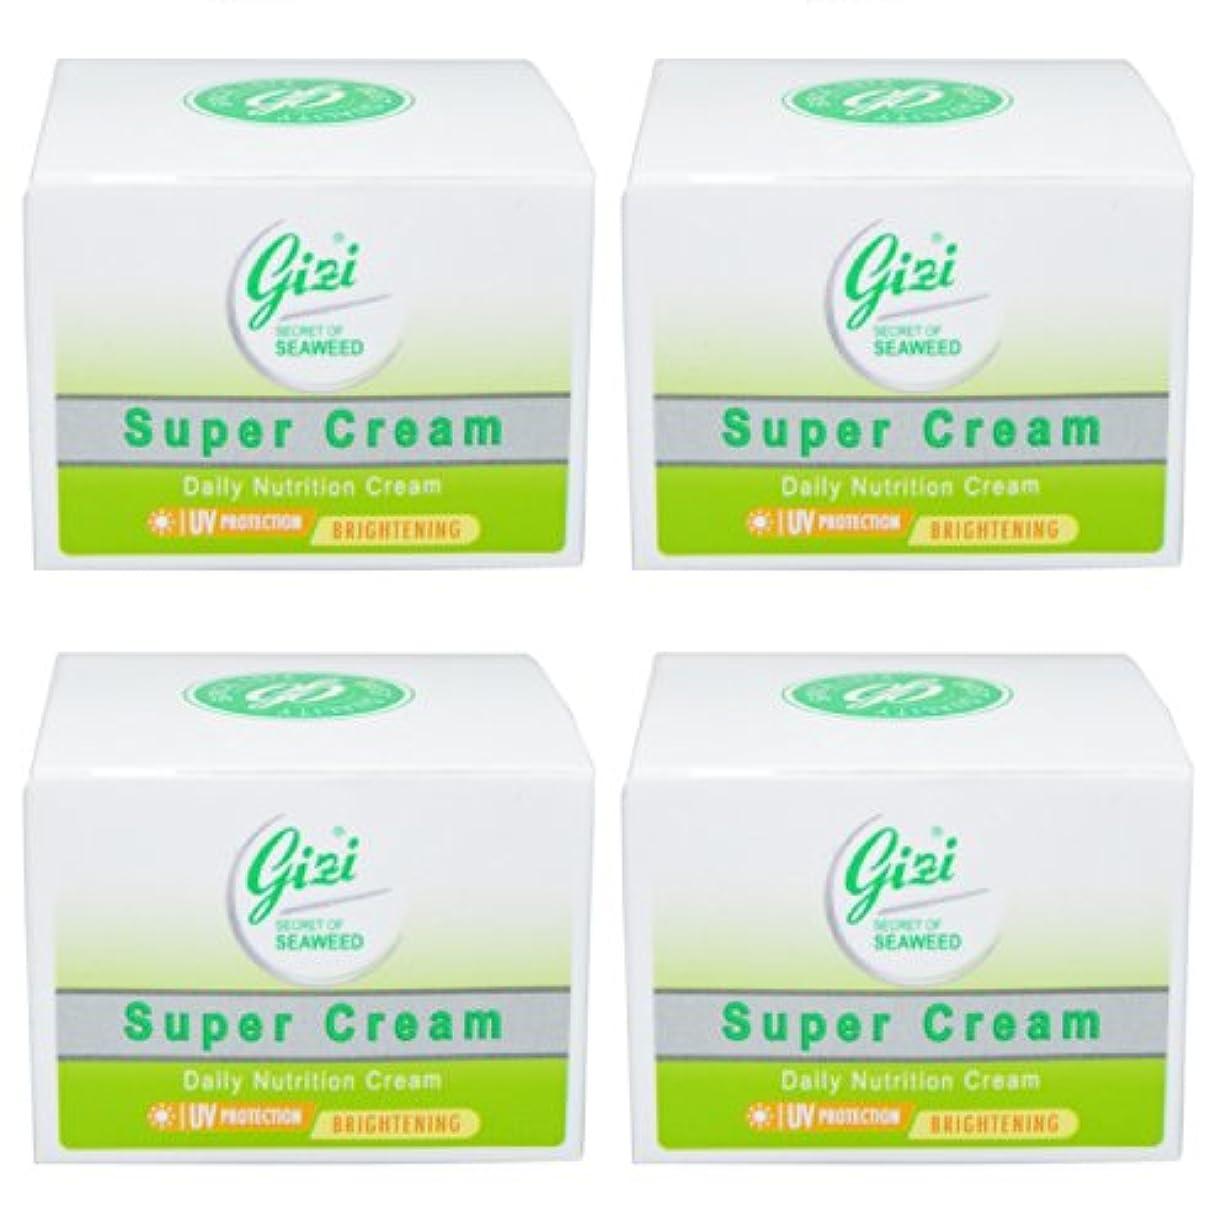 インチアジアあえてGIZI Super Cream(ギジ スーパークリーム)フェイスクリーム9g 4個セット[並行輸入品][海外直送品]